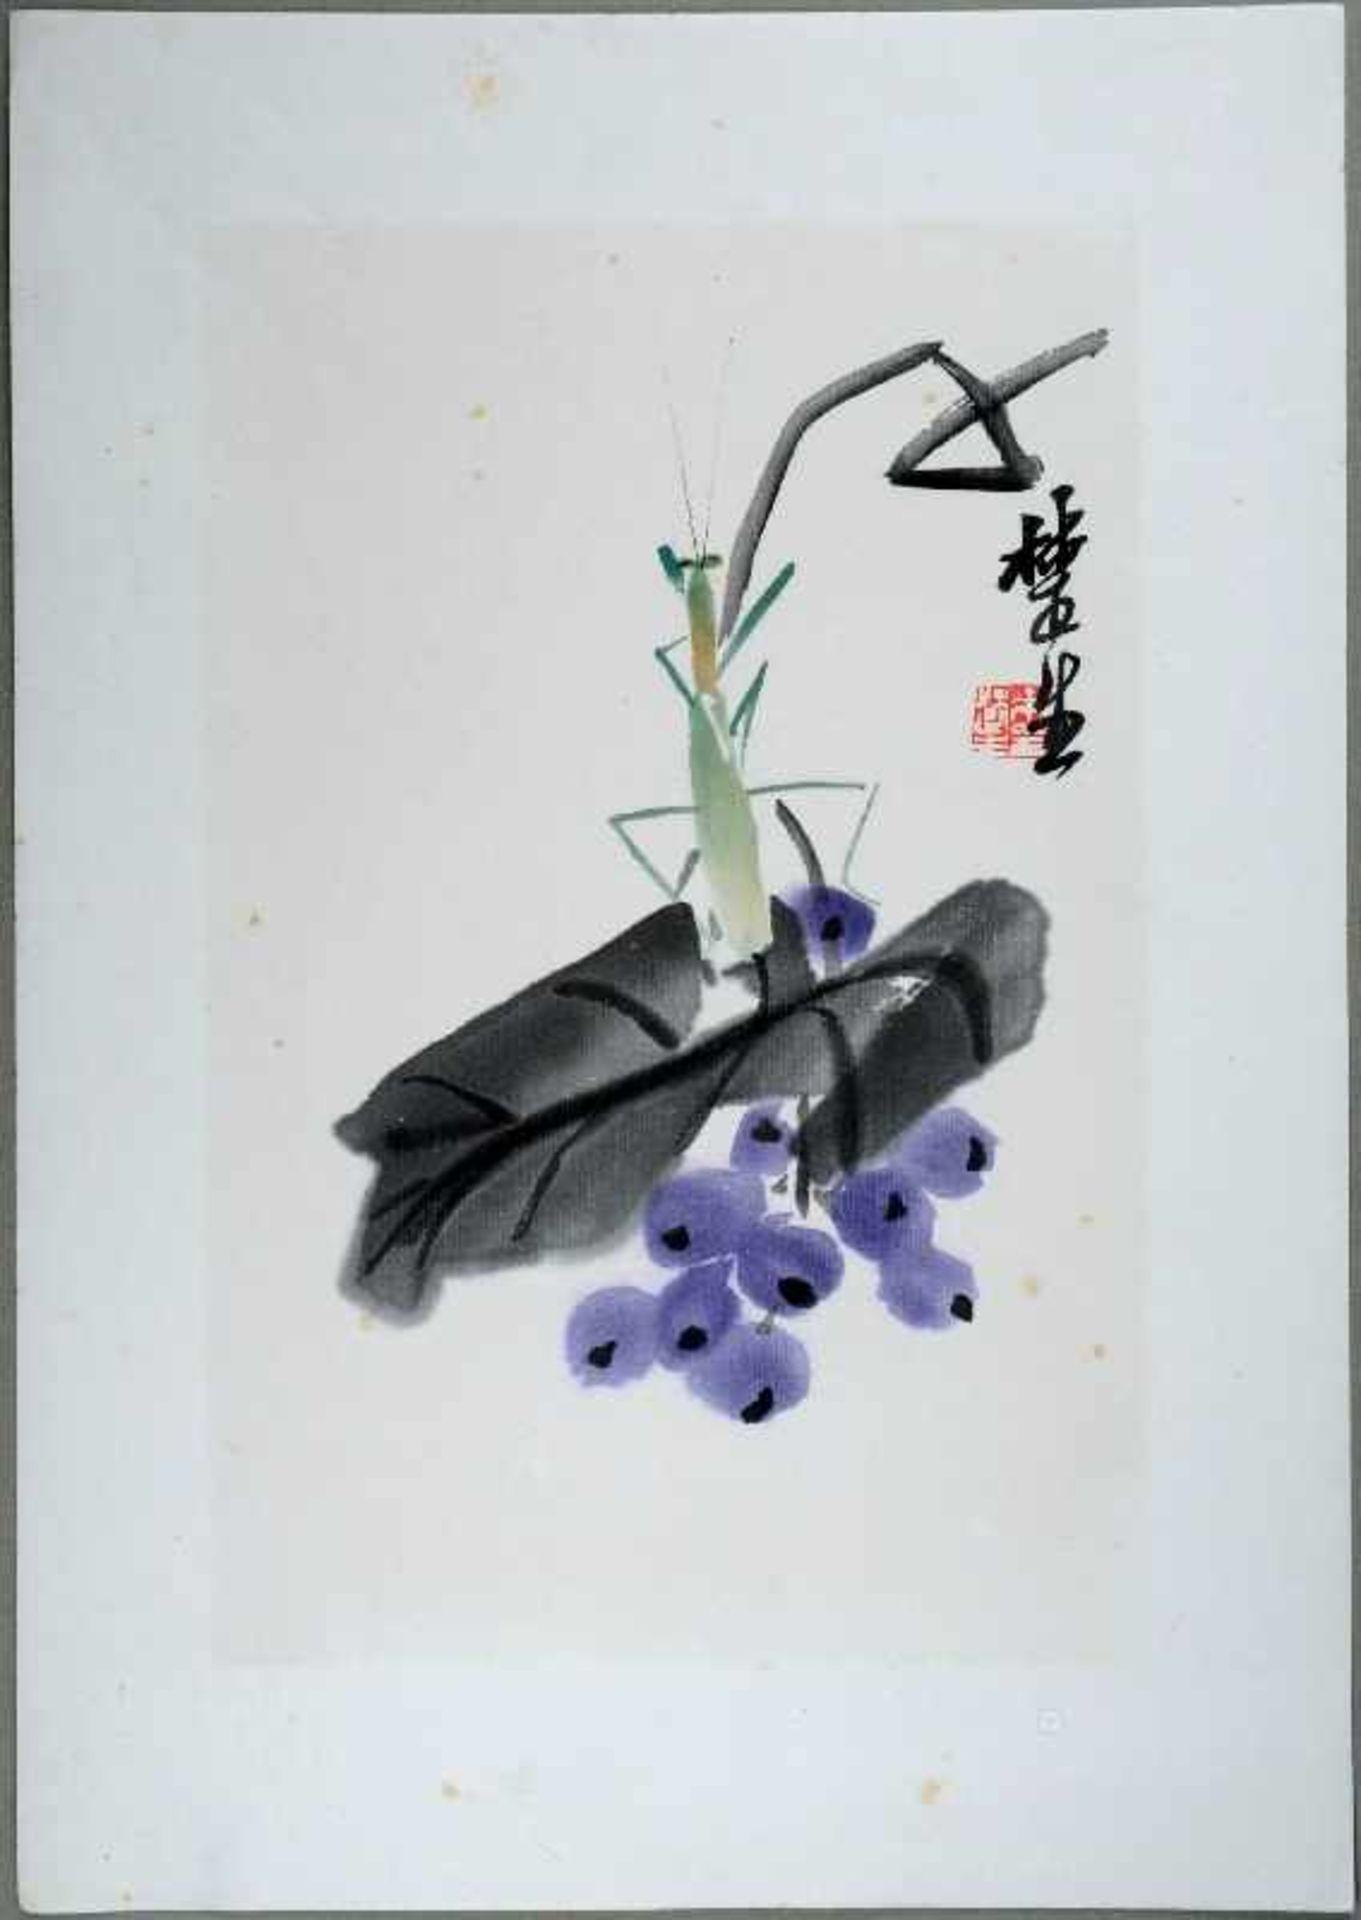 BLAUE FRÜCHTE UND GOTTESANBETERIN Aquarellfarben-Holzschnitt aus der Werkstätte Rong Baozhai-